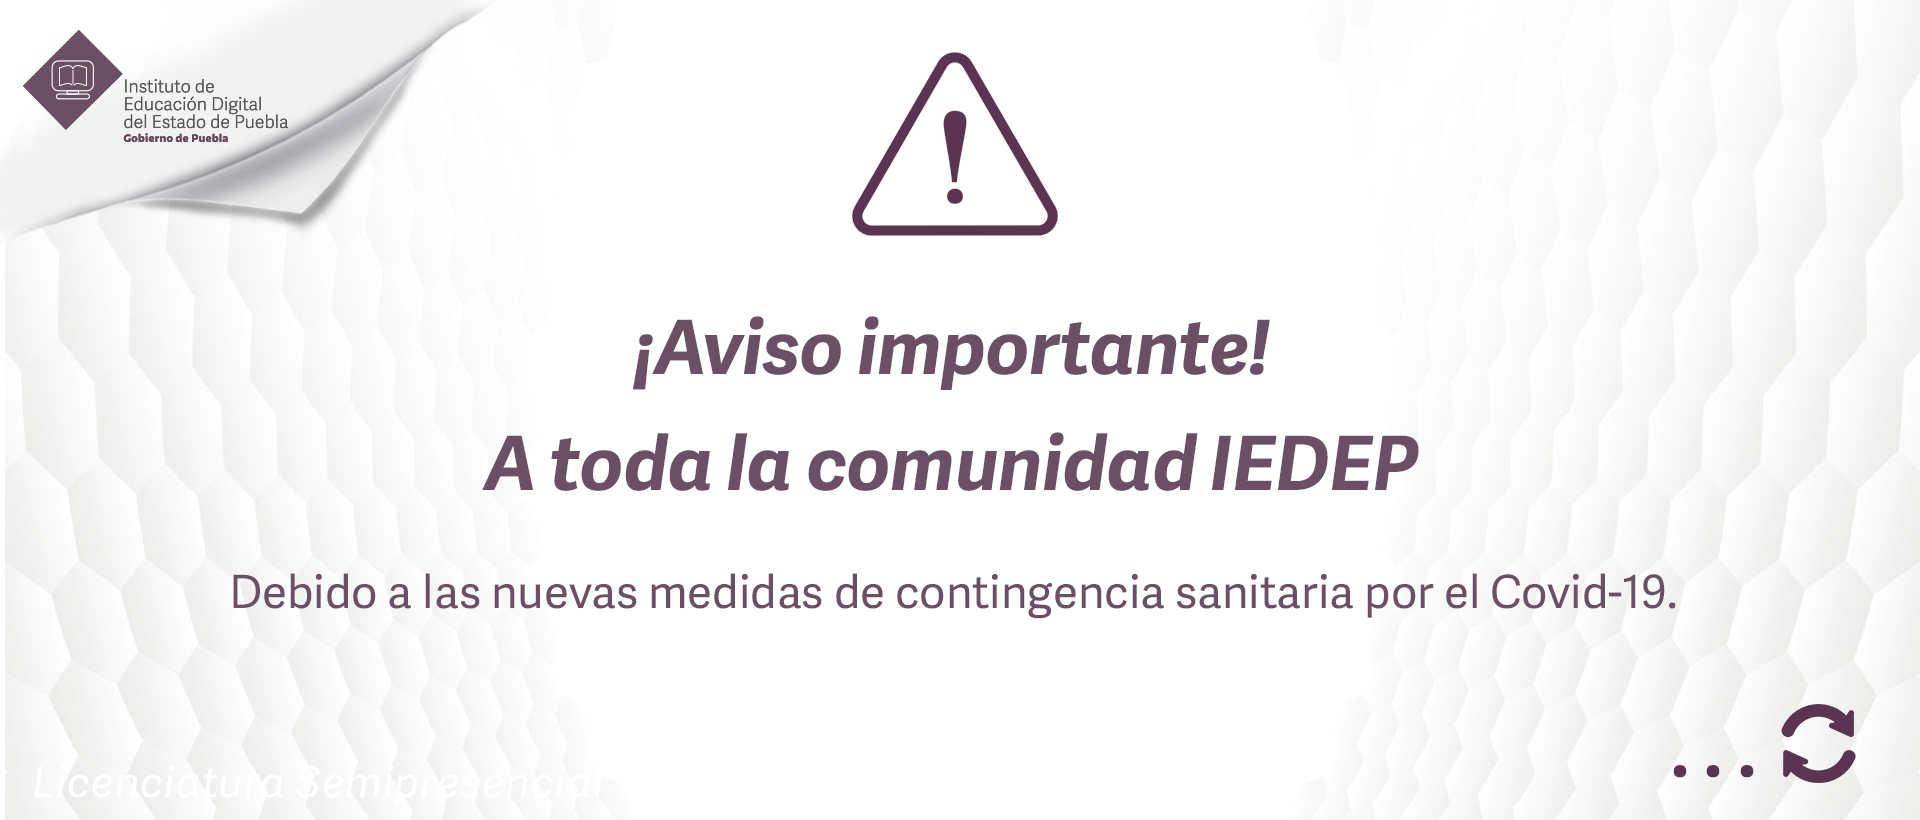 peligro_aviso_iedep2020_coronavirus.jpg